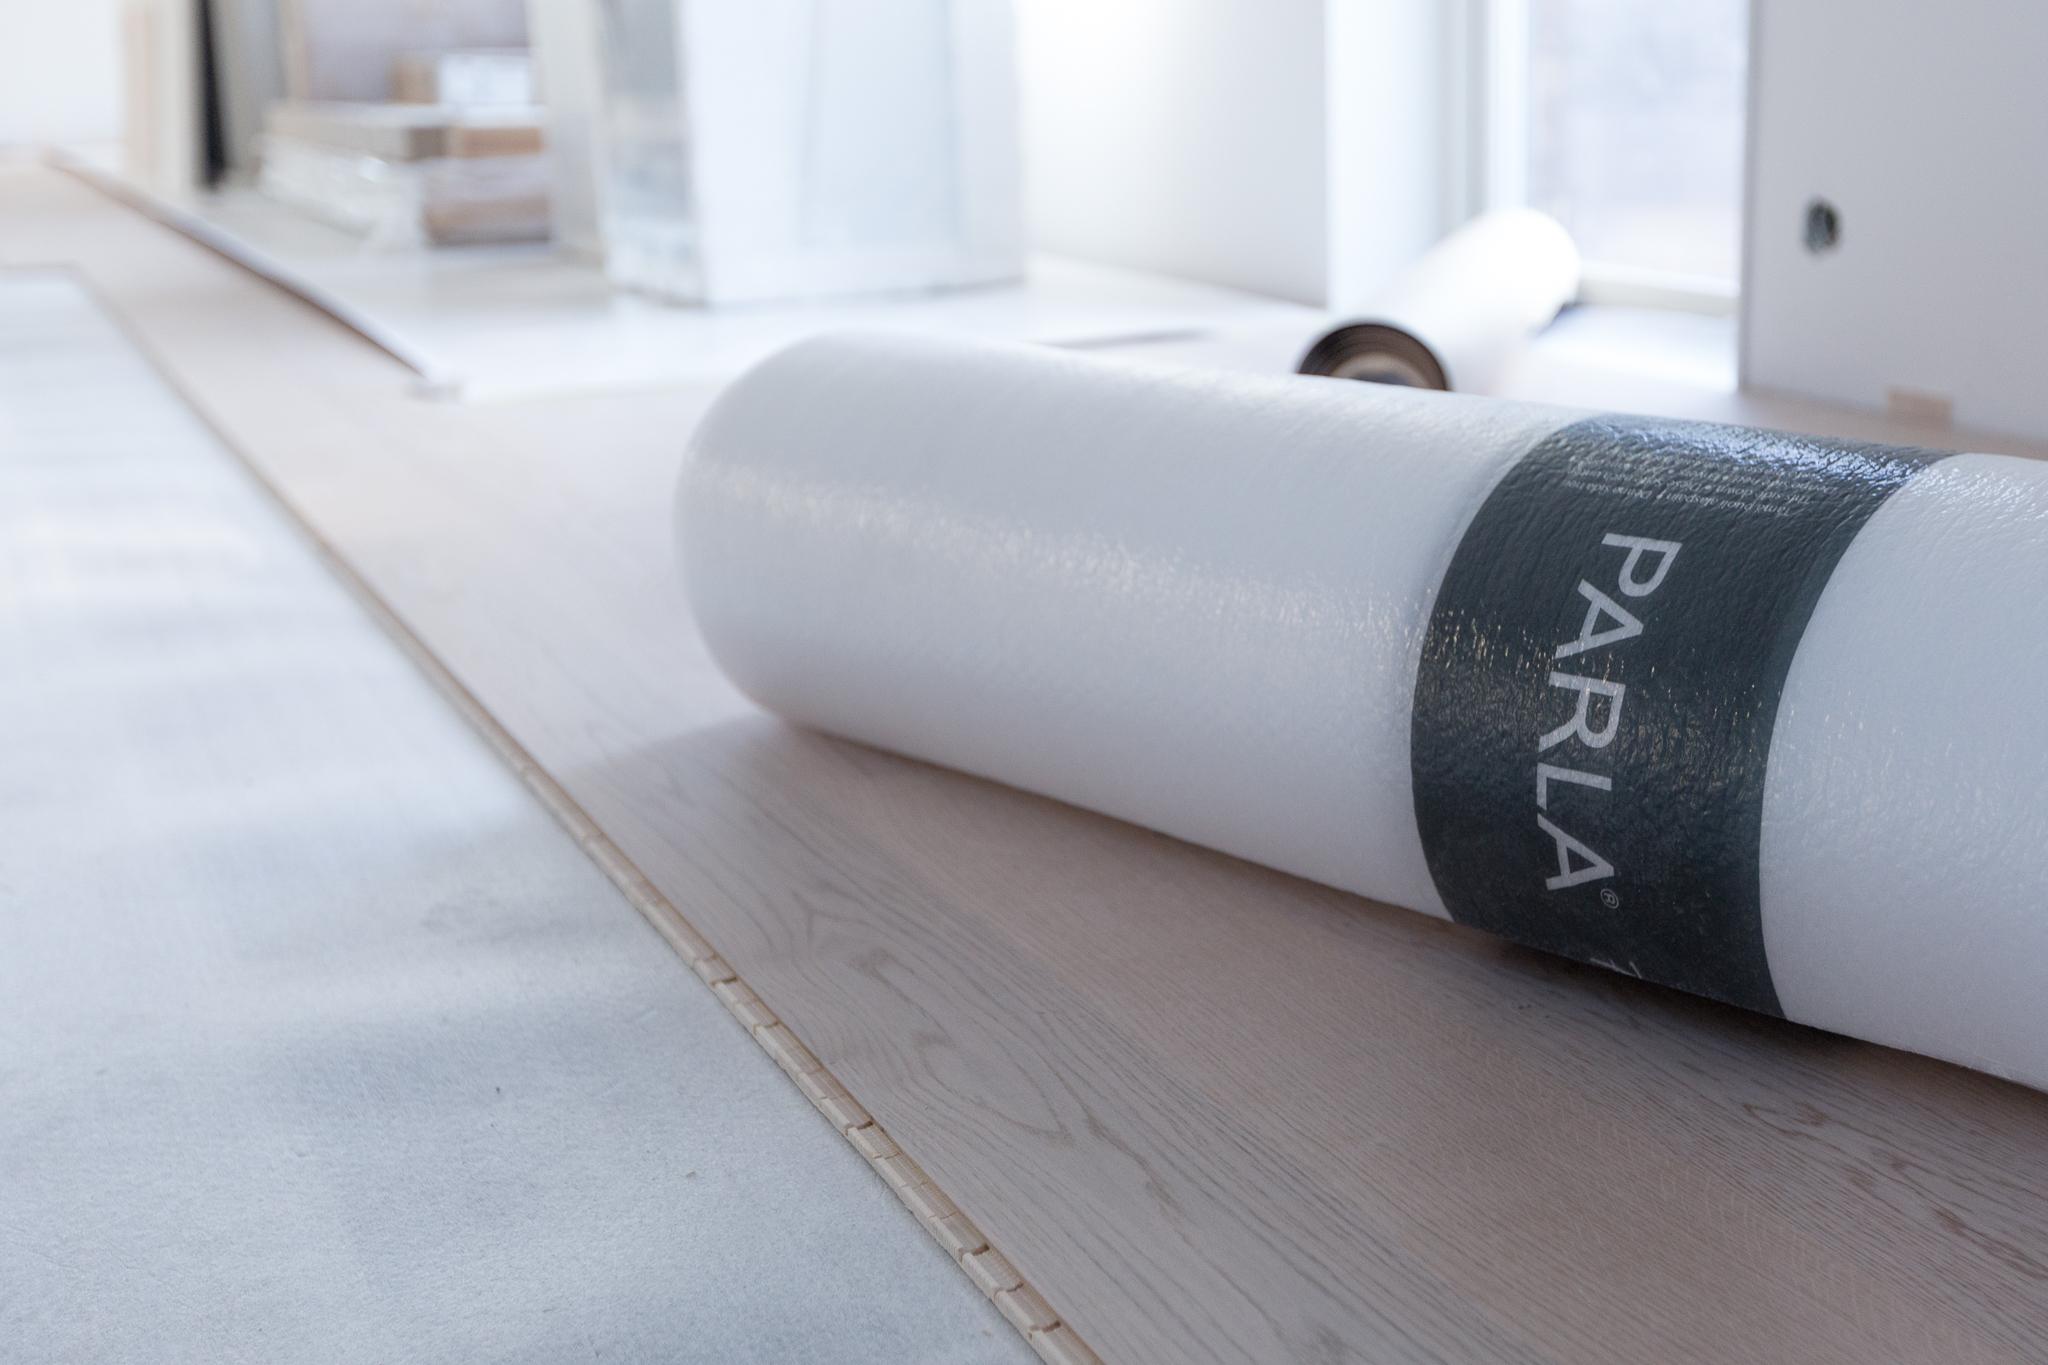 Det blir en vitt mattlackad 1-stavsparkett från finska  Parla (sponsor) . Riktigt snygg och tålig planka med sex lager lack och 3,5 mm slitskikt så att det går att slipa flera gånger. Golvet består av bara tre lager trä så mängden lim är minimal och golvet är också M1-klassat vilket är den högsta emissionsklassen. Parketten är även  Real Wood -märkt,så för varje träd som huggs ner planteras ett nytt.  Parla Select Soprano  heter parketten.